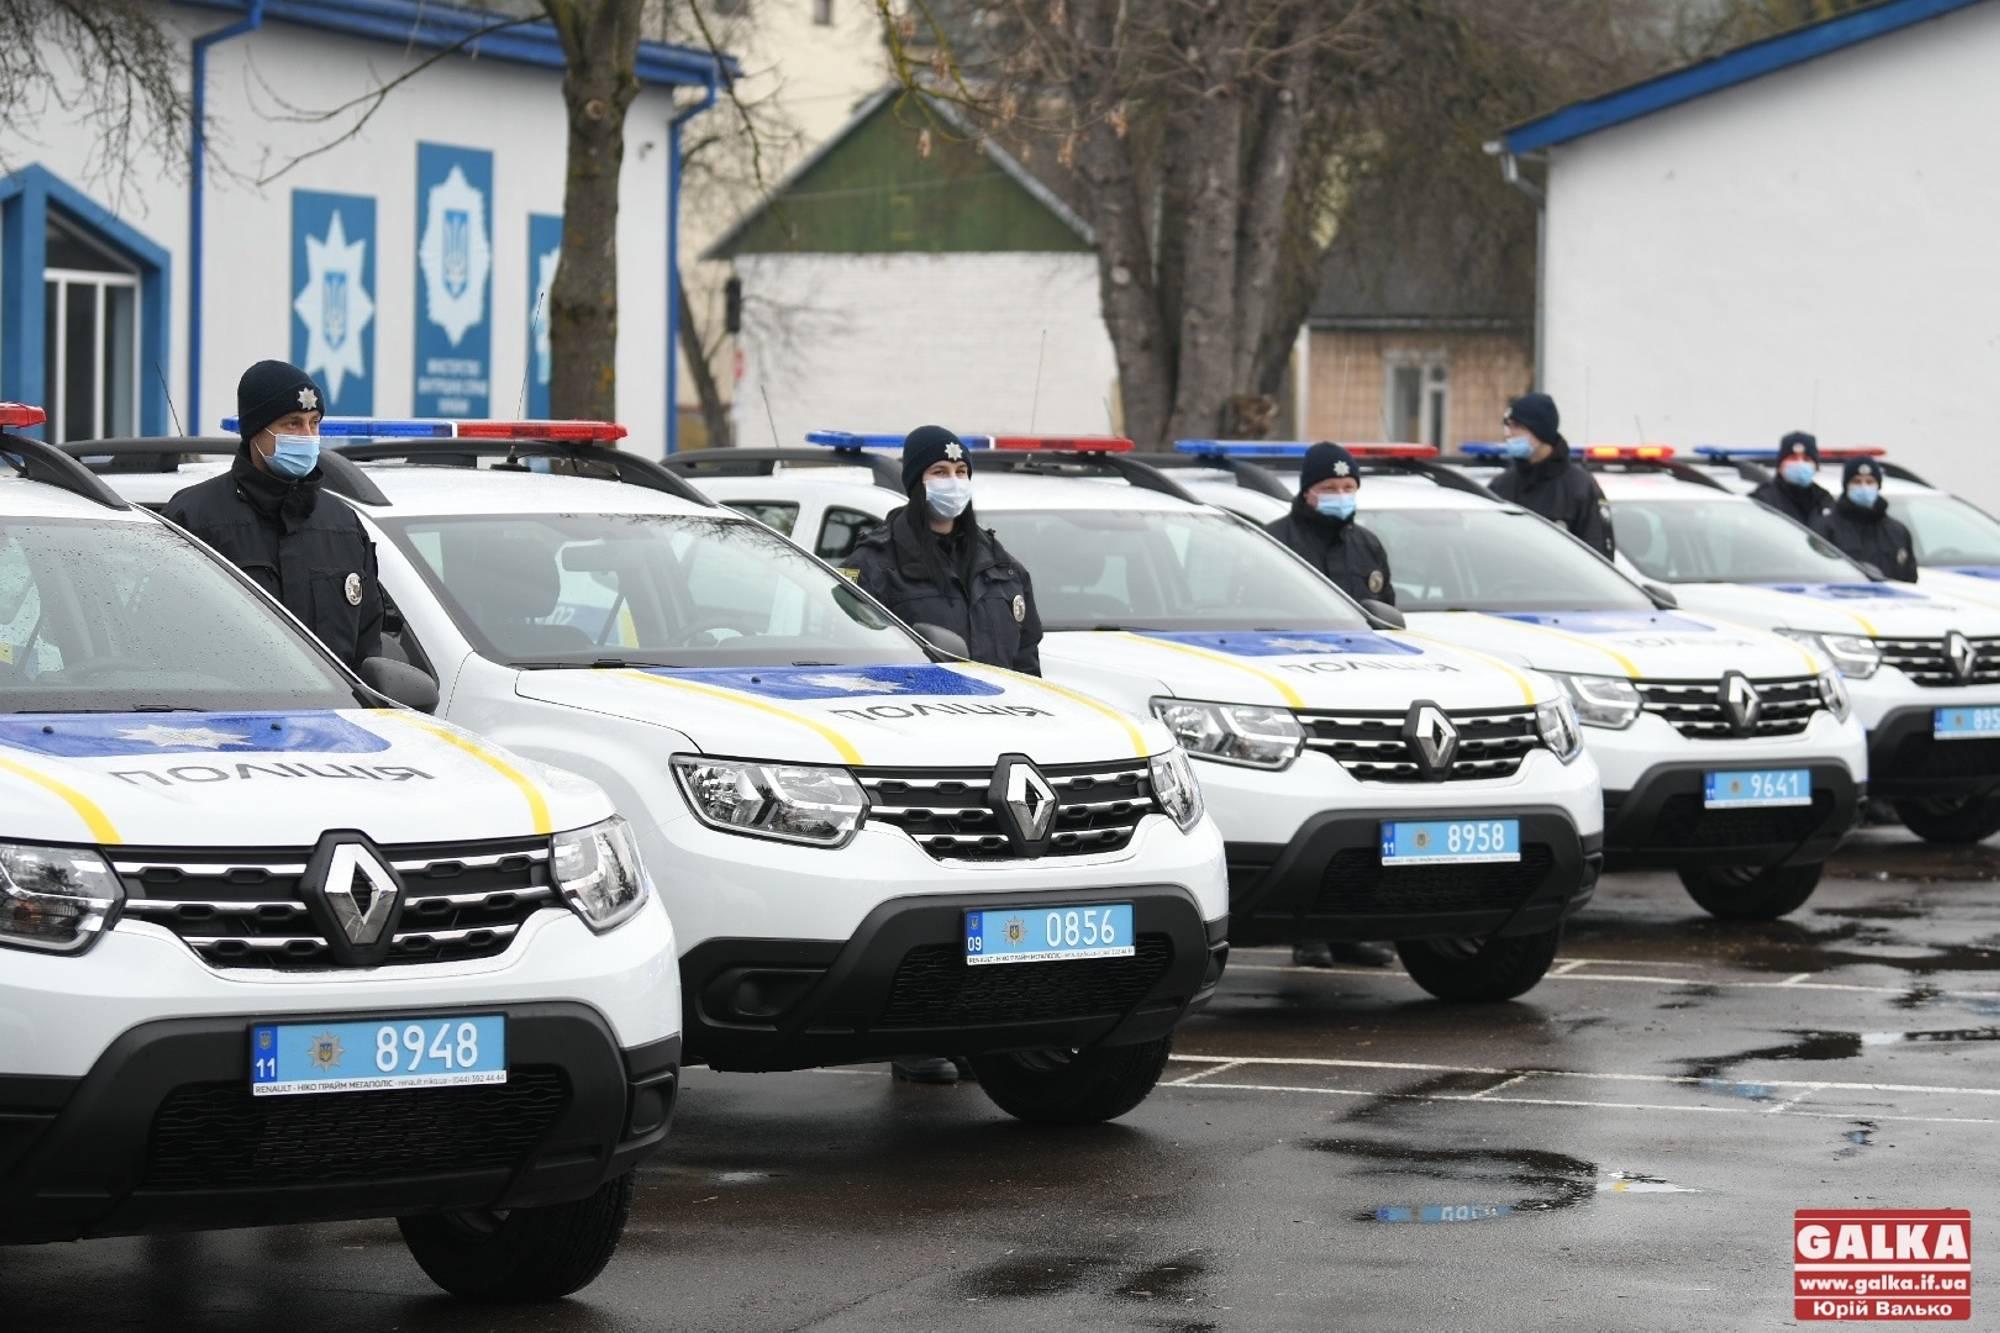 Універсальні поліцейські на нових машинах: на Франківщині запрацювали поліцейські офіцери громади (ФОТОРЕПОРТАЖ)